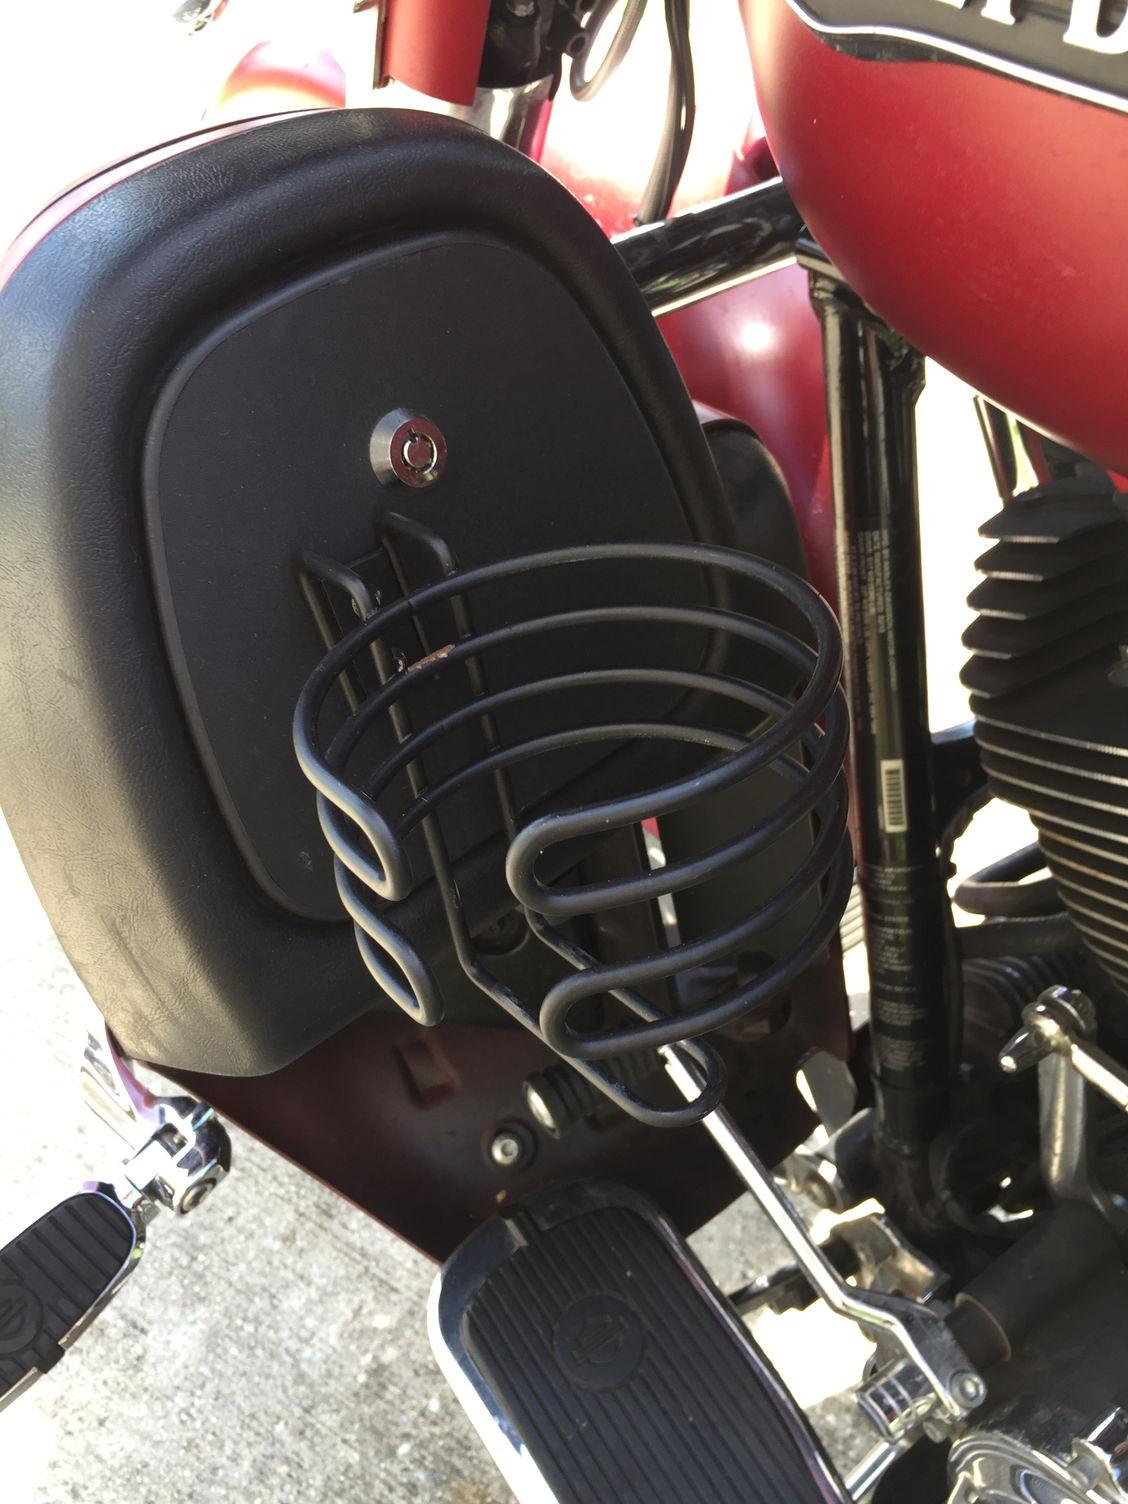 Hog Trough Cup Holders Harley Davidson Forums